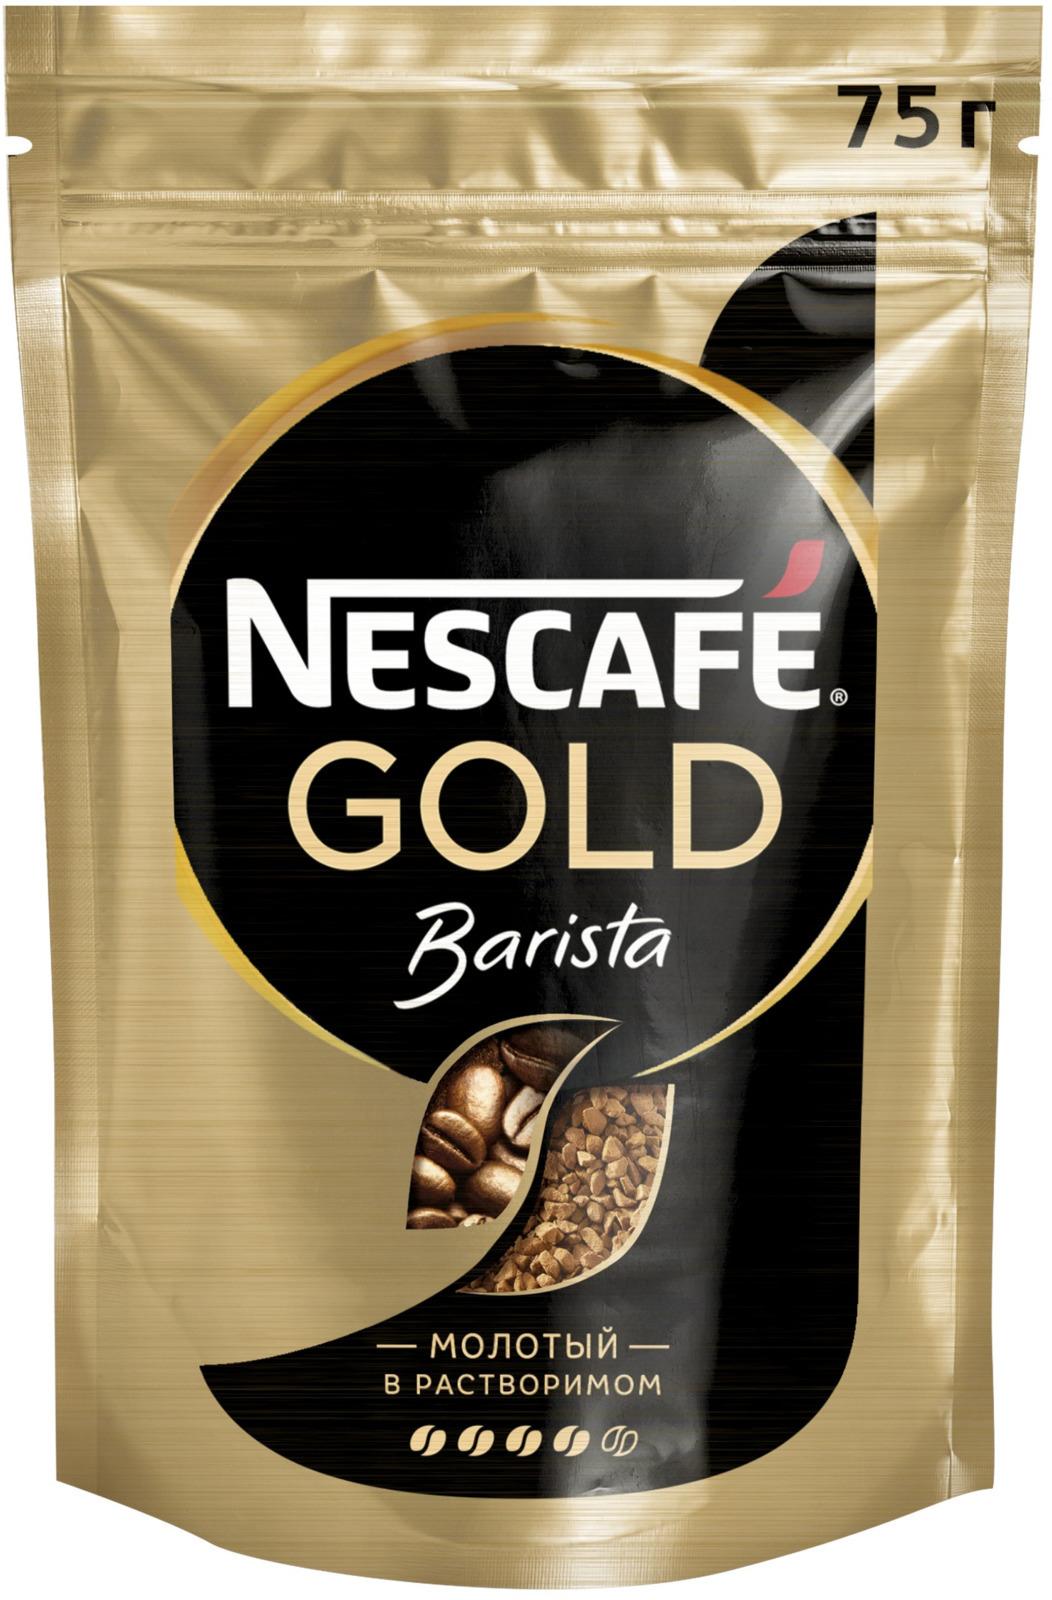 Nescafe Gold Barista Кофе растворимый сублимированный с добавлением натурального жареного молотого кофе, 75 г